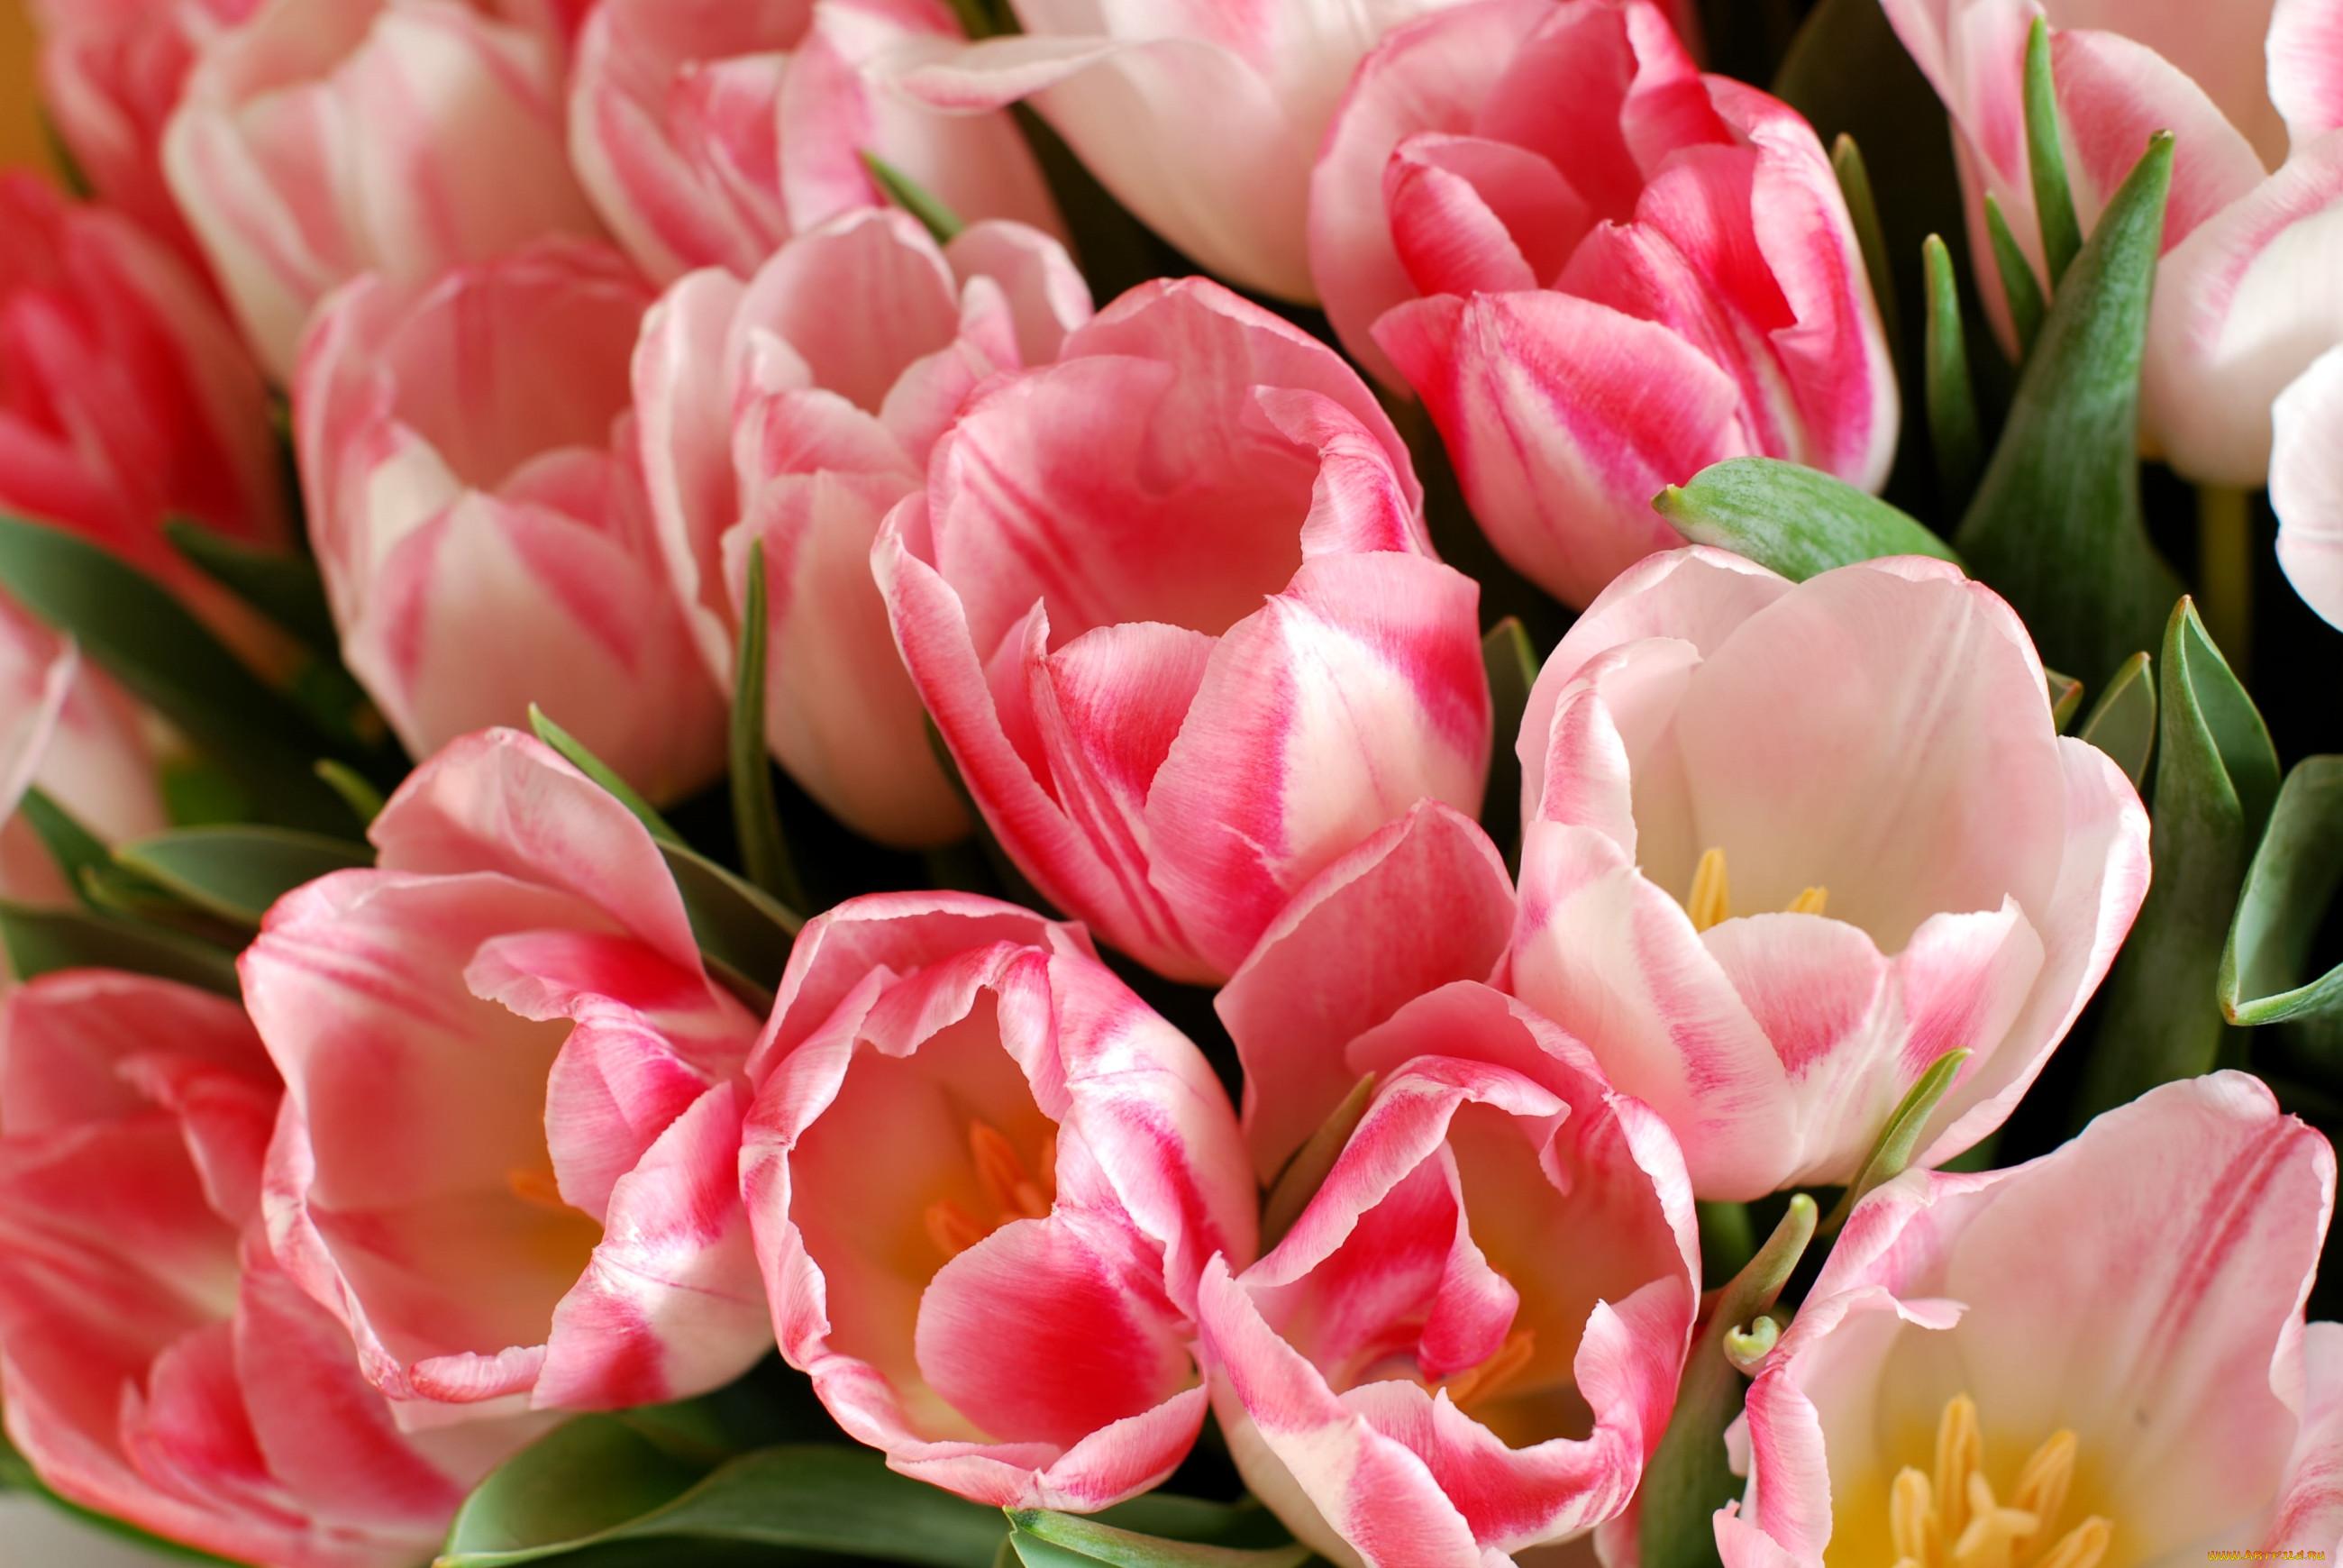 облака картинки красивые цветы тюльпаны розовые болячки кроликов являются